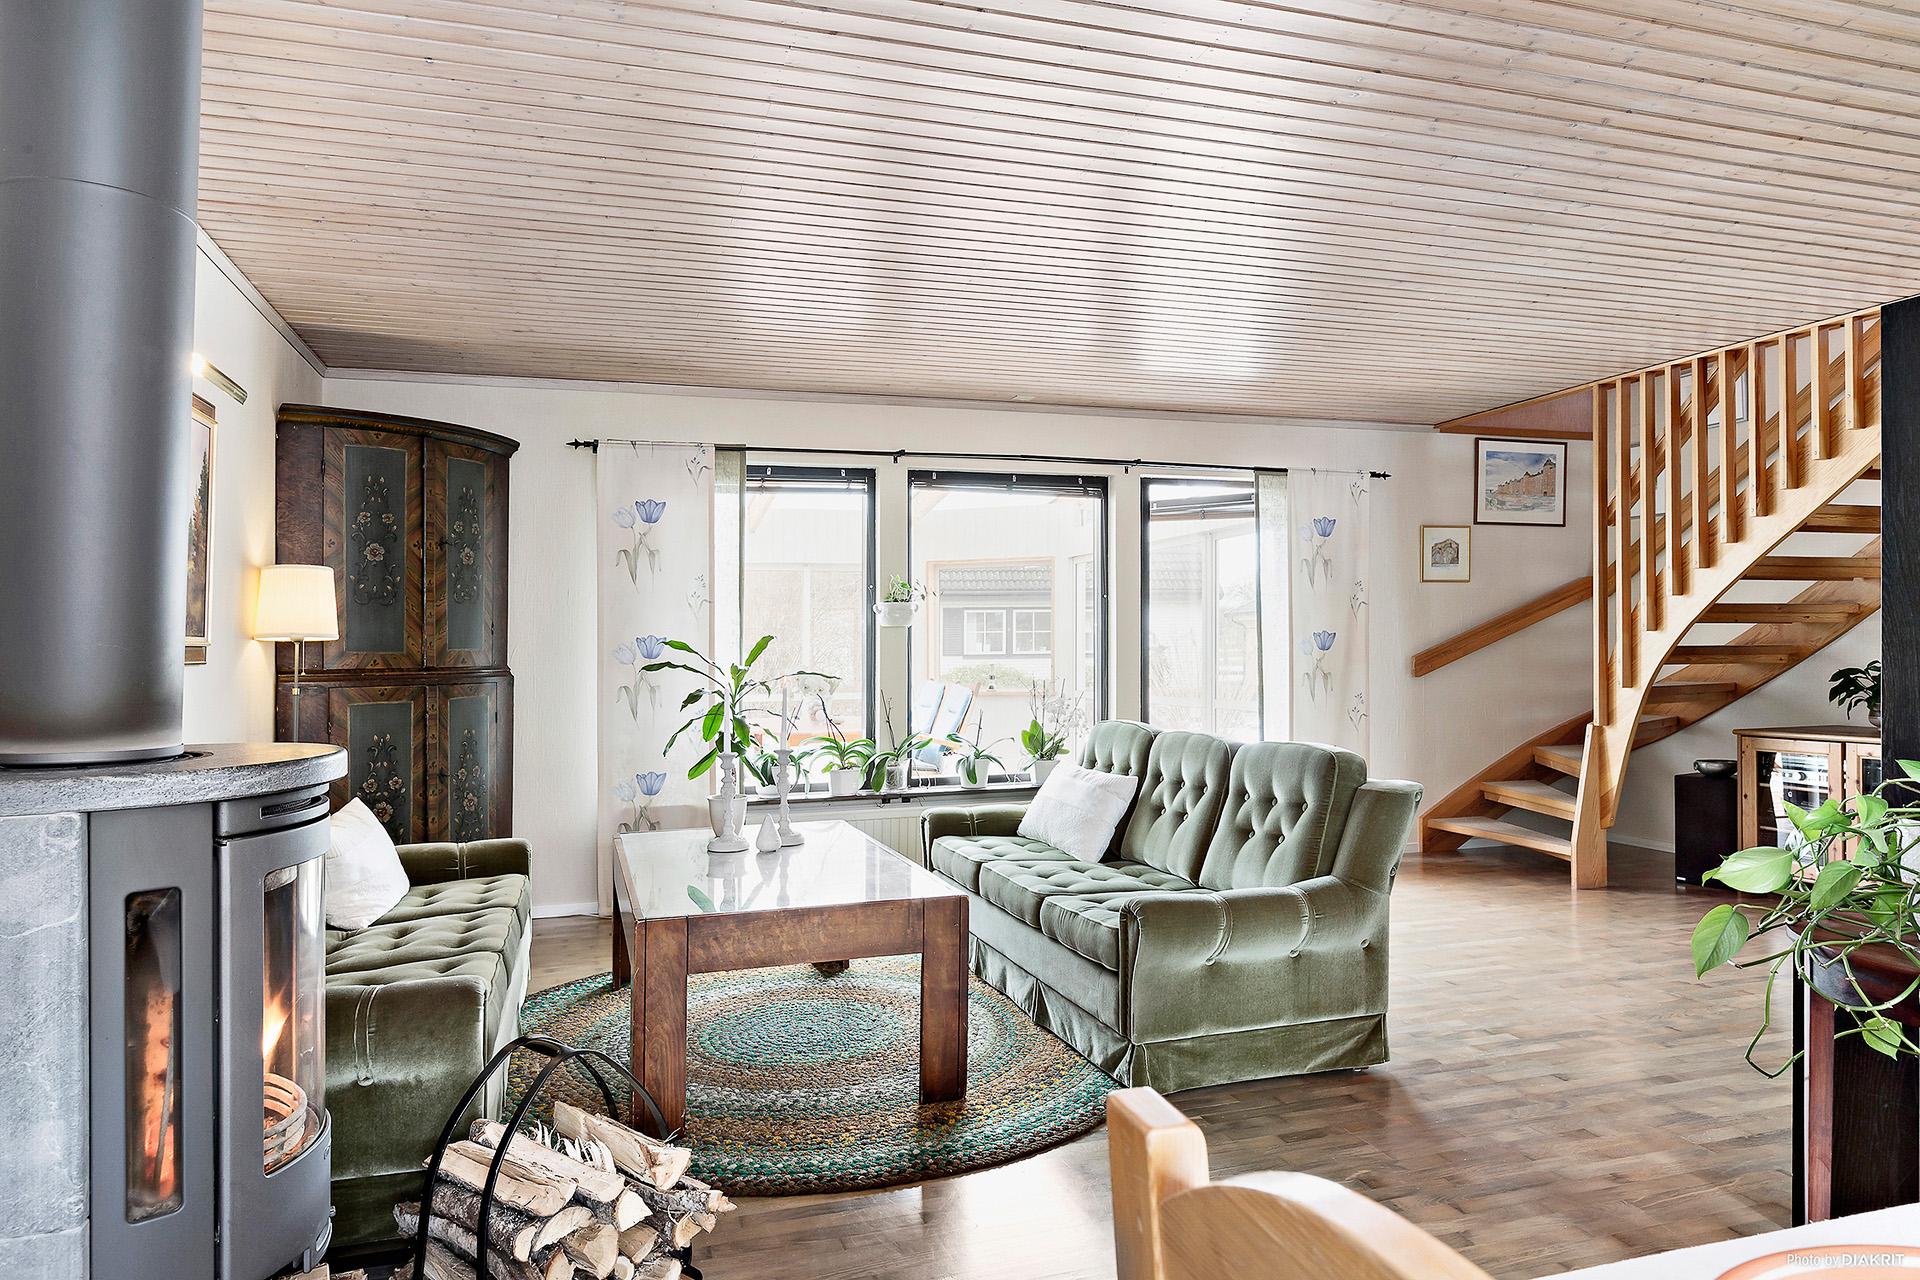 Vardagsrum med kamin och tillgång till uterum